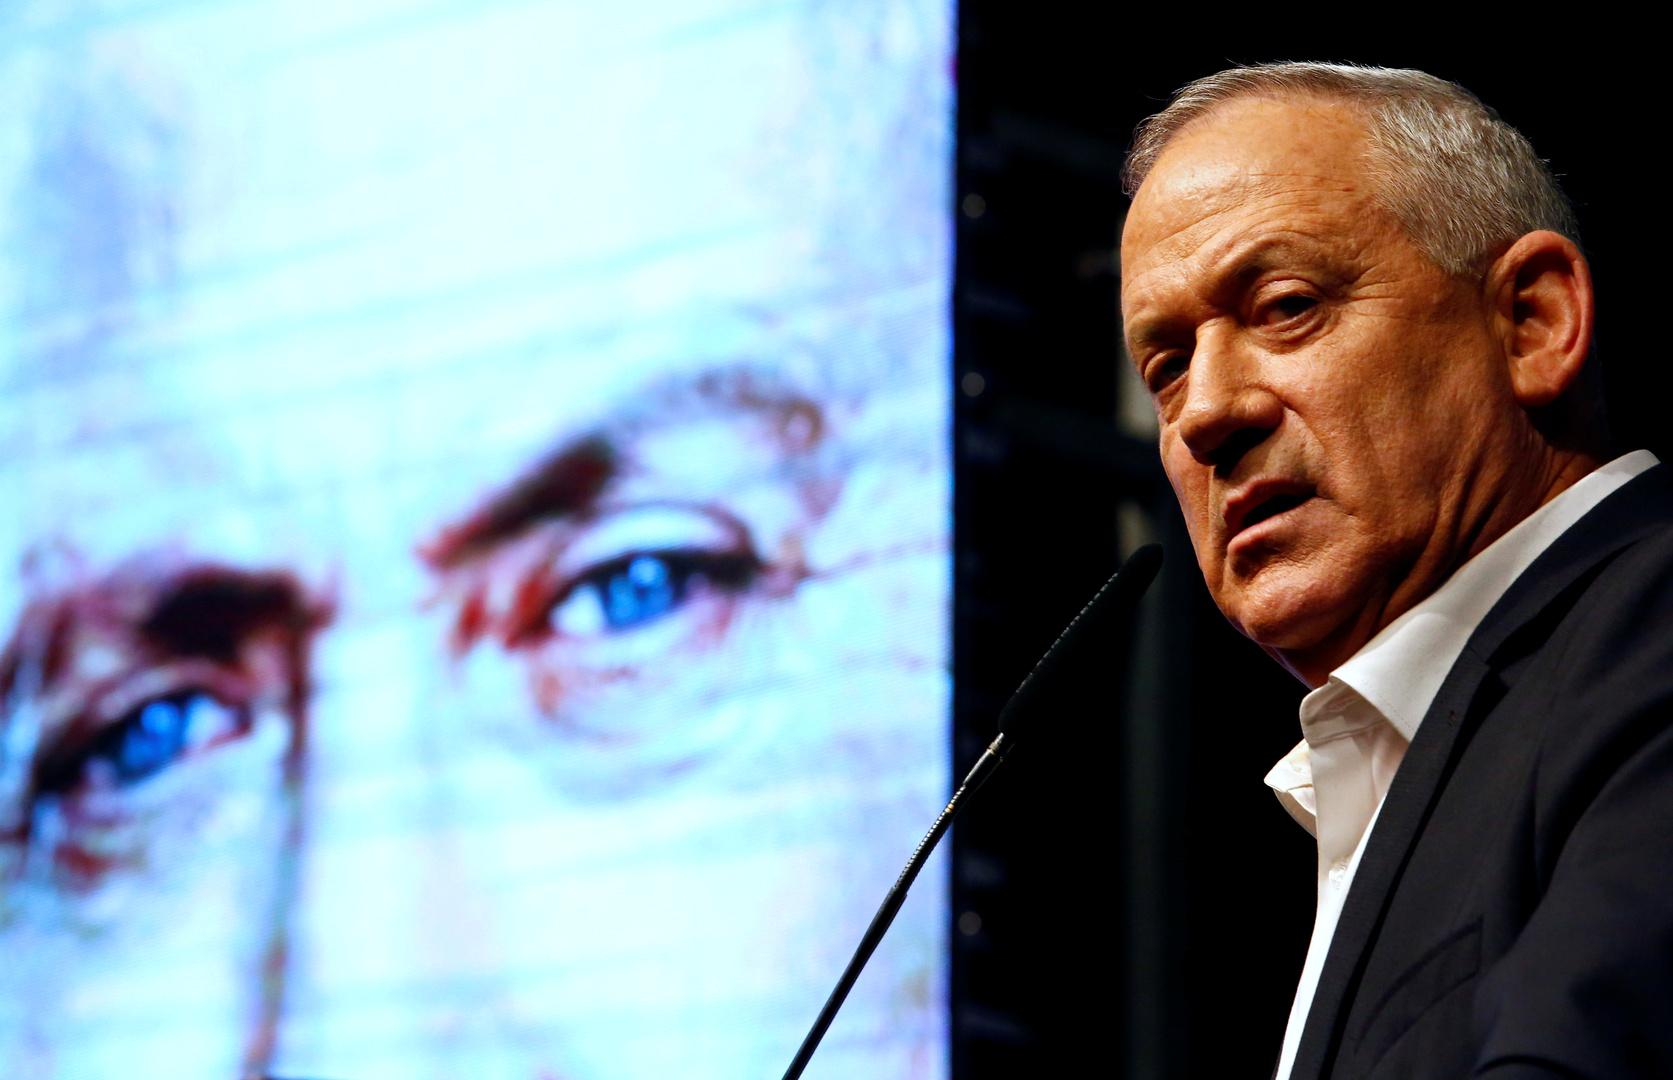 سياسي إسرائيلي يكشف عن خطة لضرب نووي إيران ويعلق على زيارة رئيس